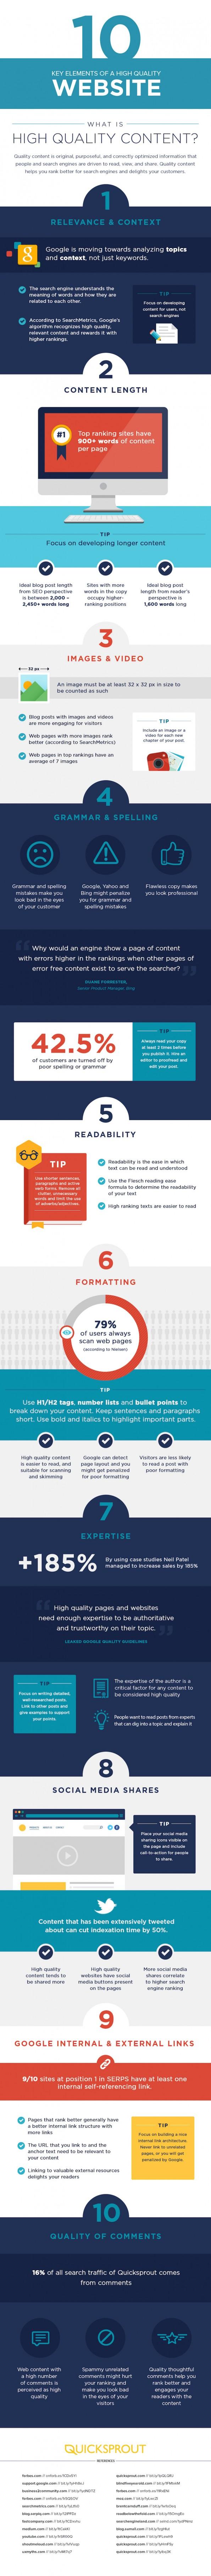 10 elementen van een effectieve en prossionele website